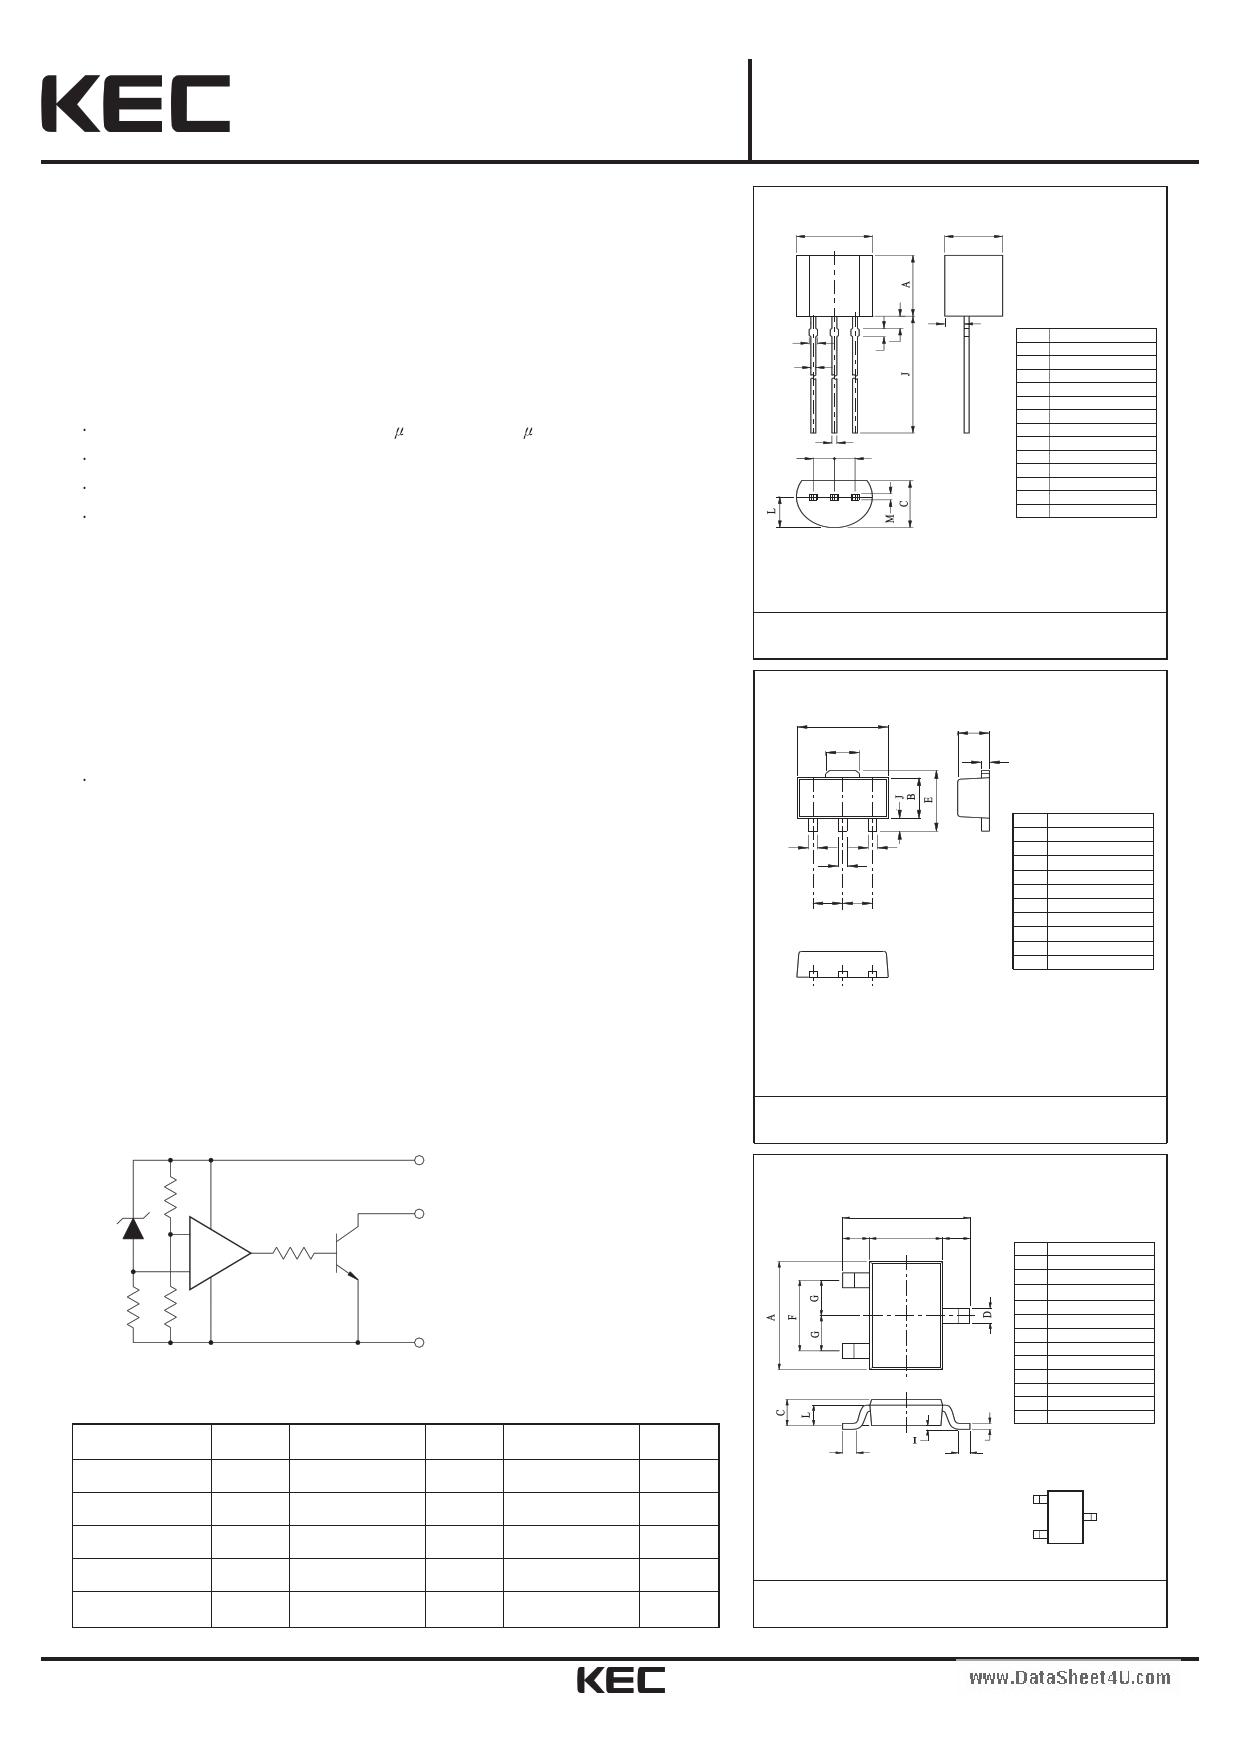 KIA7045AP Datasheet, KIA7045AP PDF,ピン配置, 機能